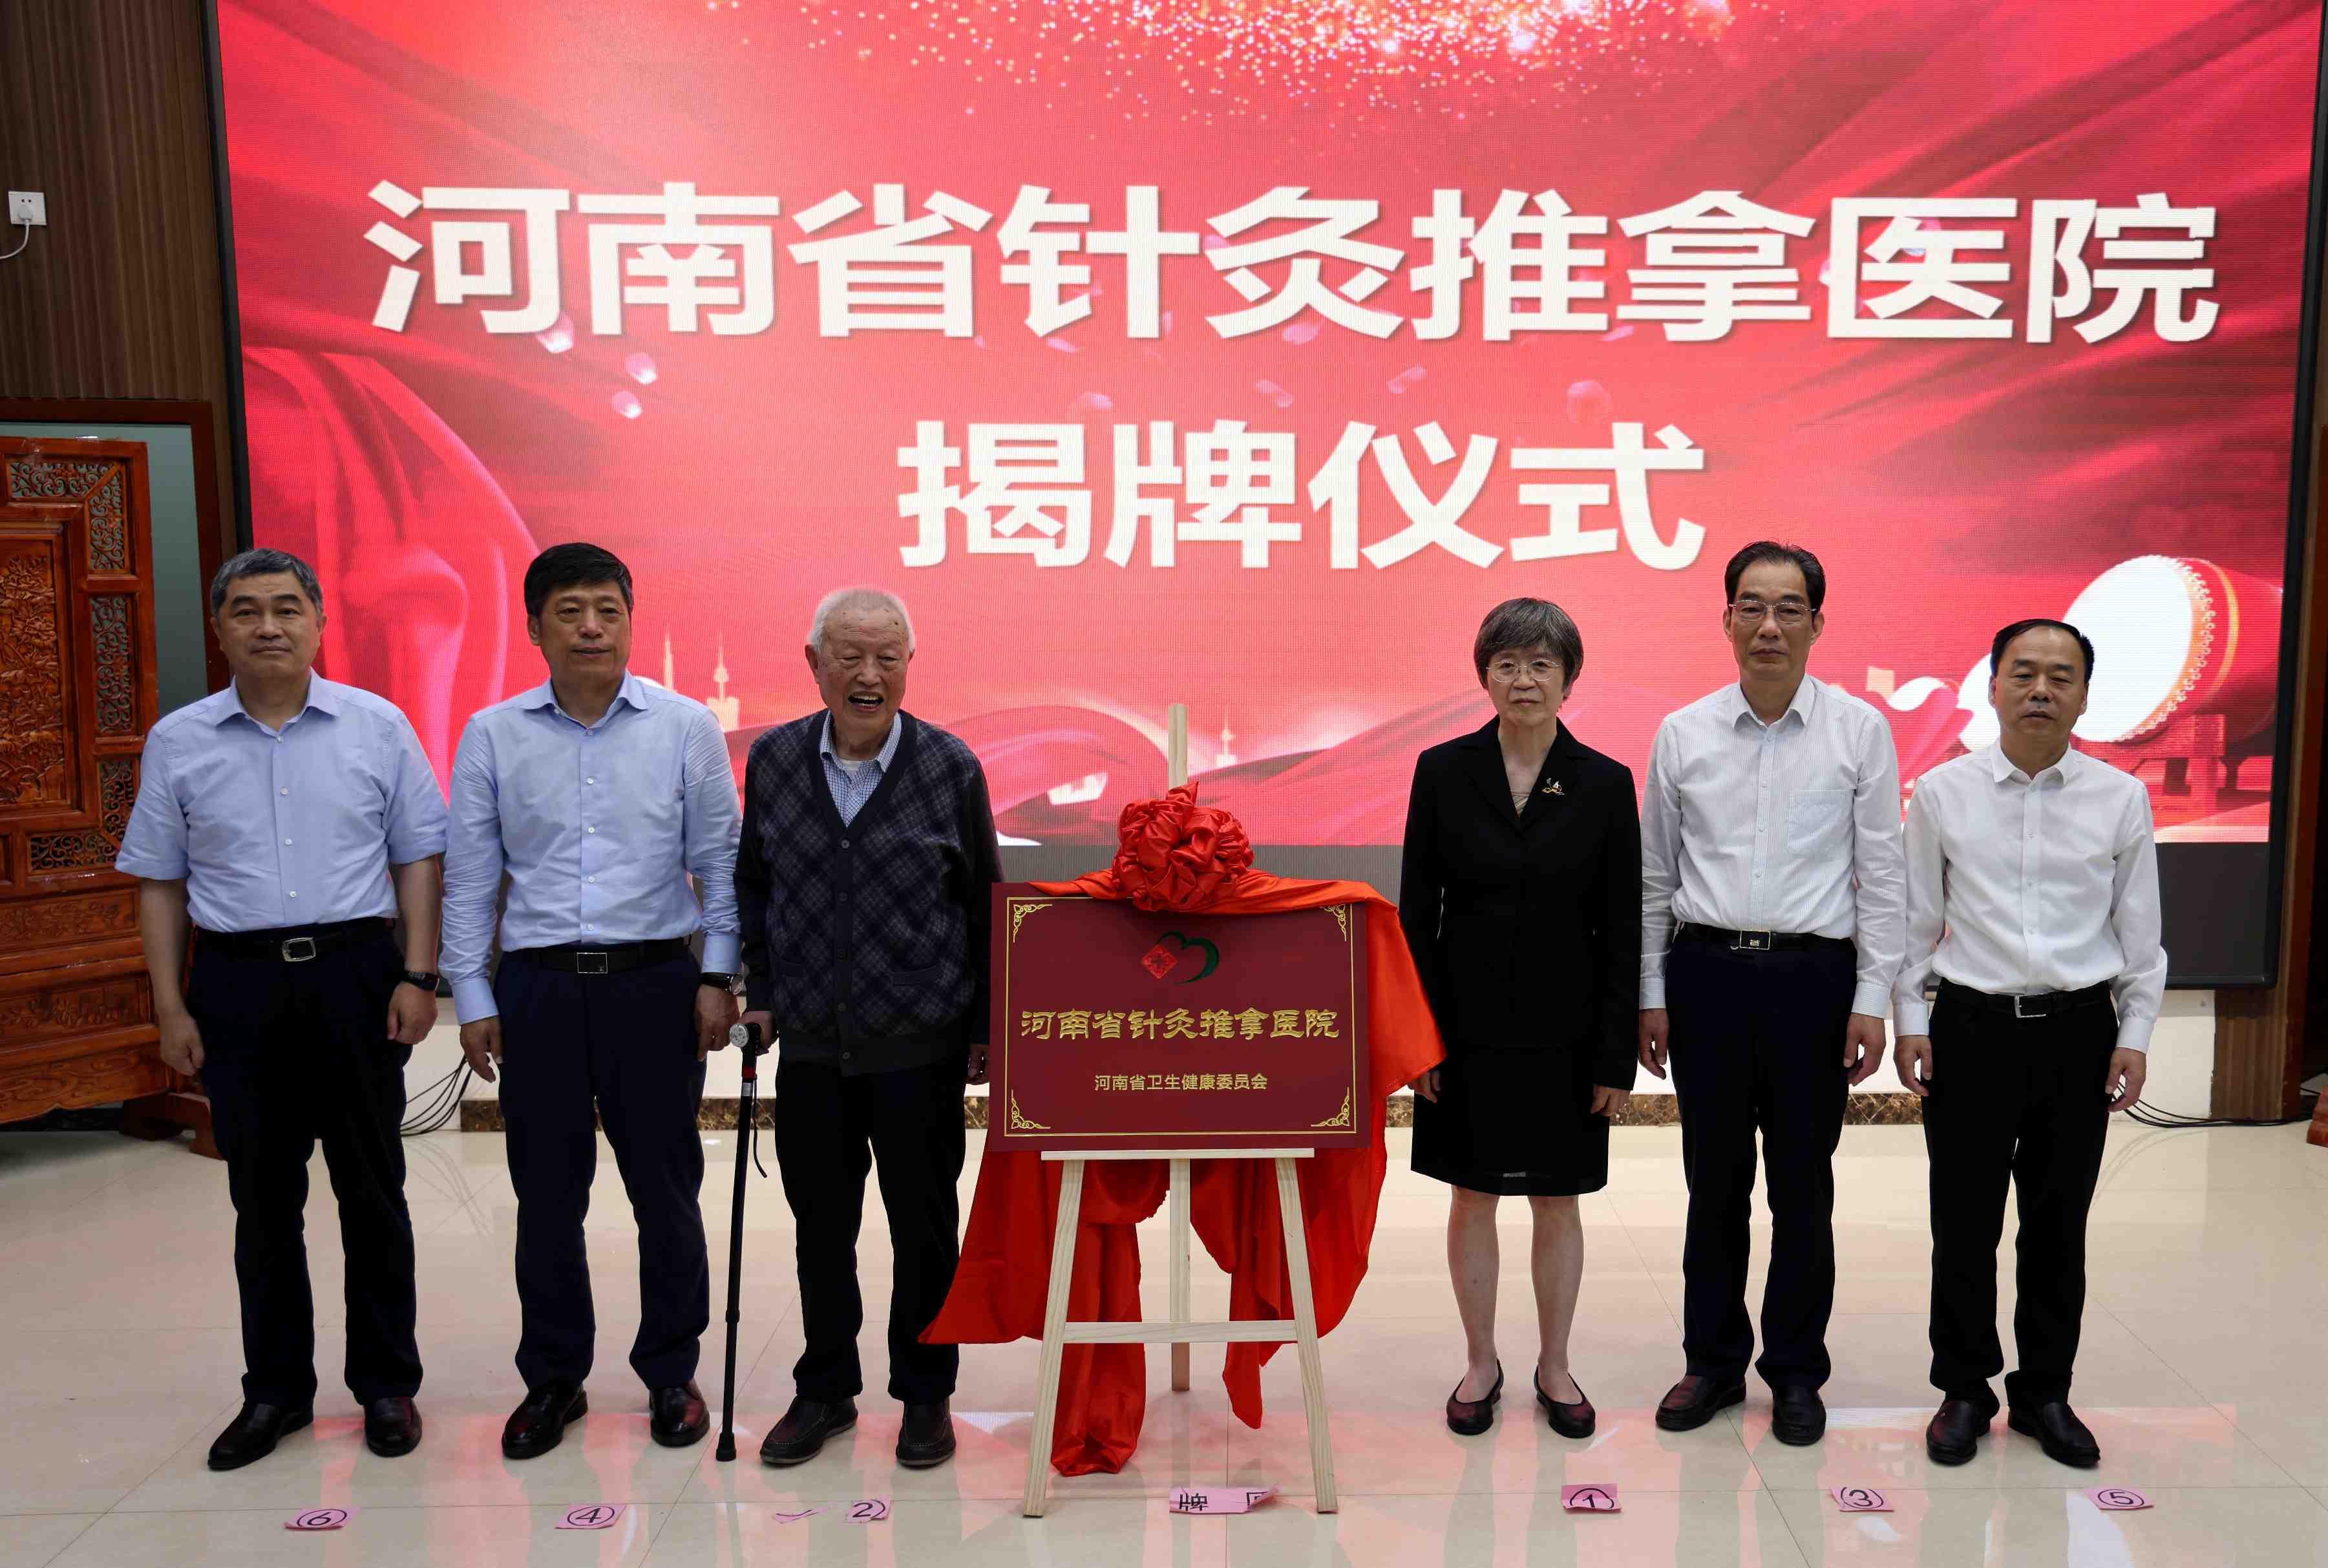 河南省经济管理学校